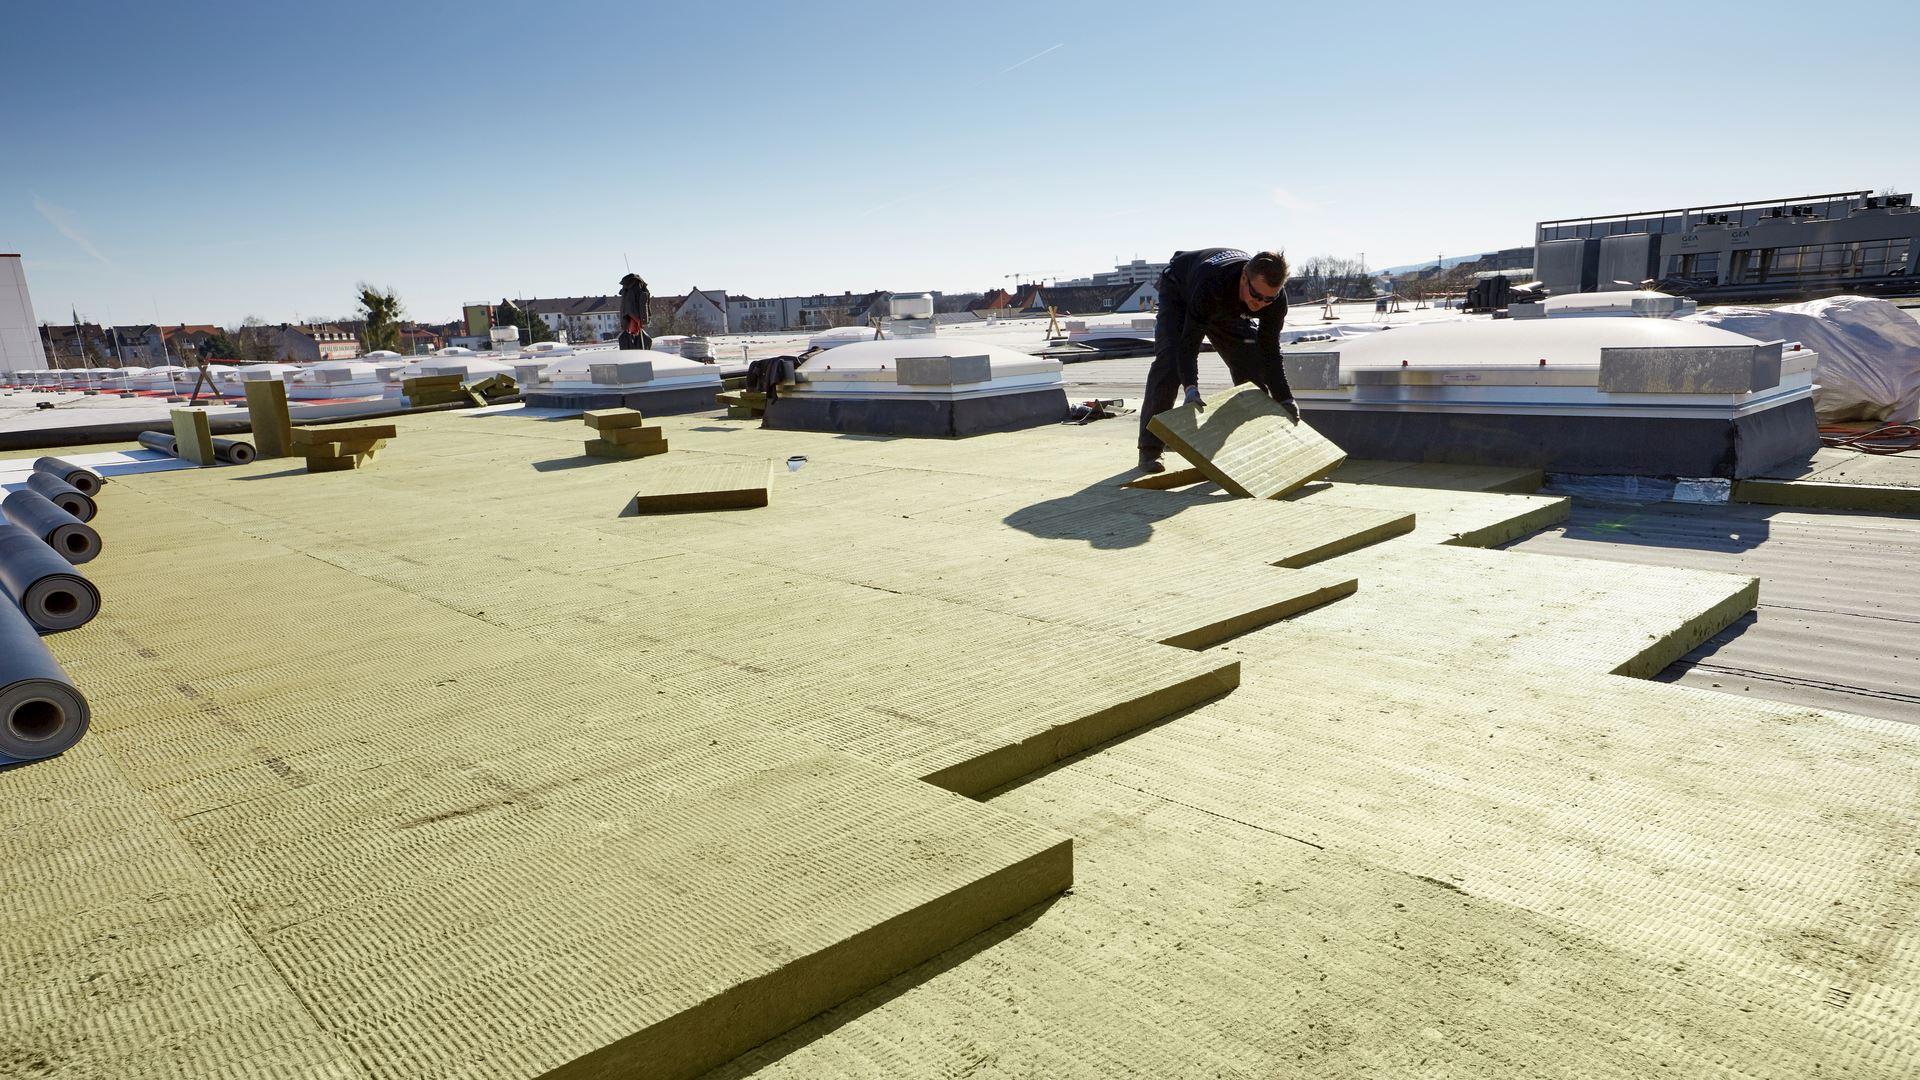 flatroof, flat roof, insulation, georock 038, georock, installation, installer, broschüre dämmung von flachdächern, germany, RO-2018-0019